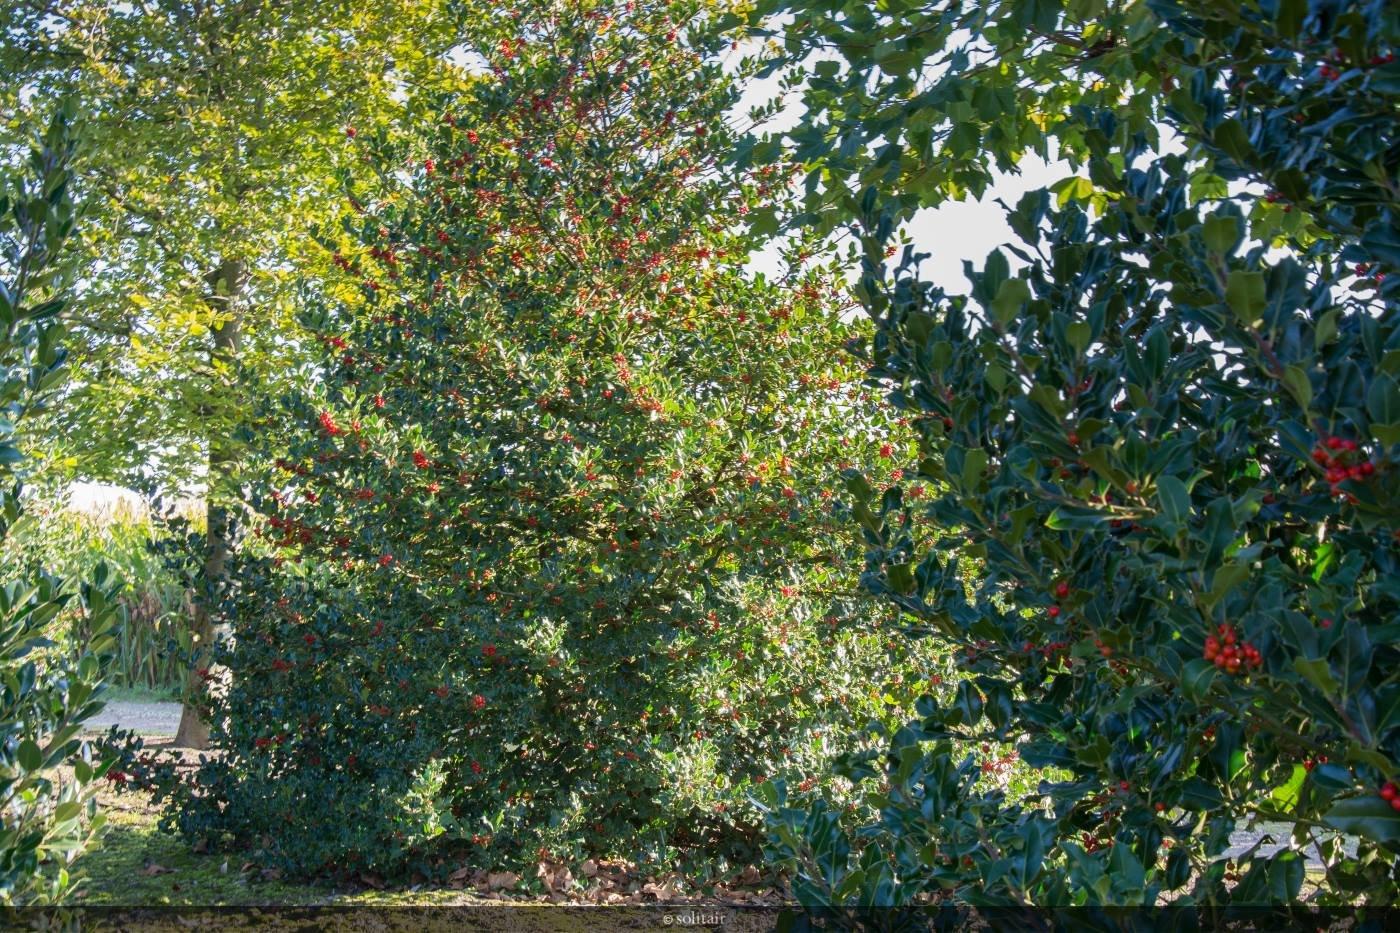 Ilex aquifolium struik